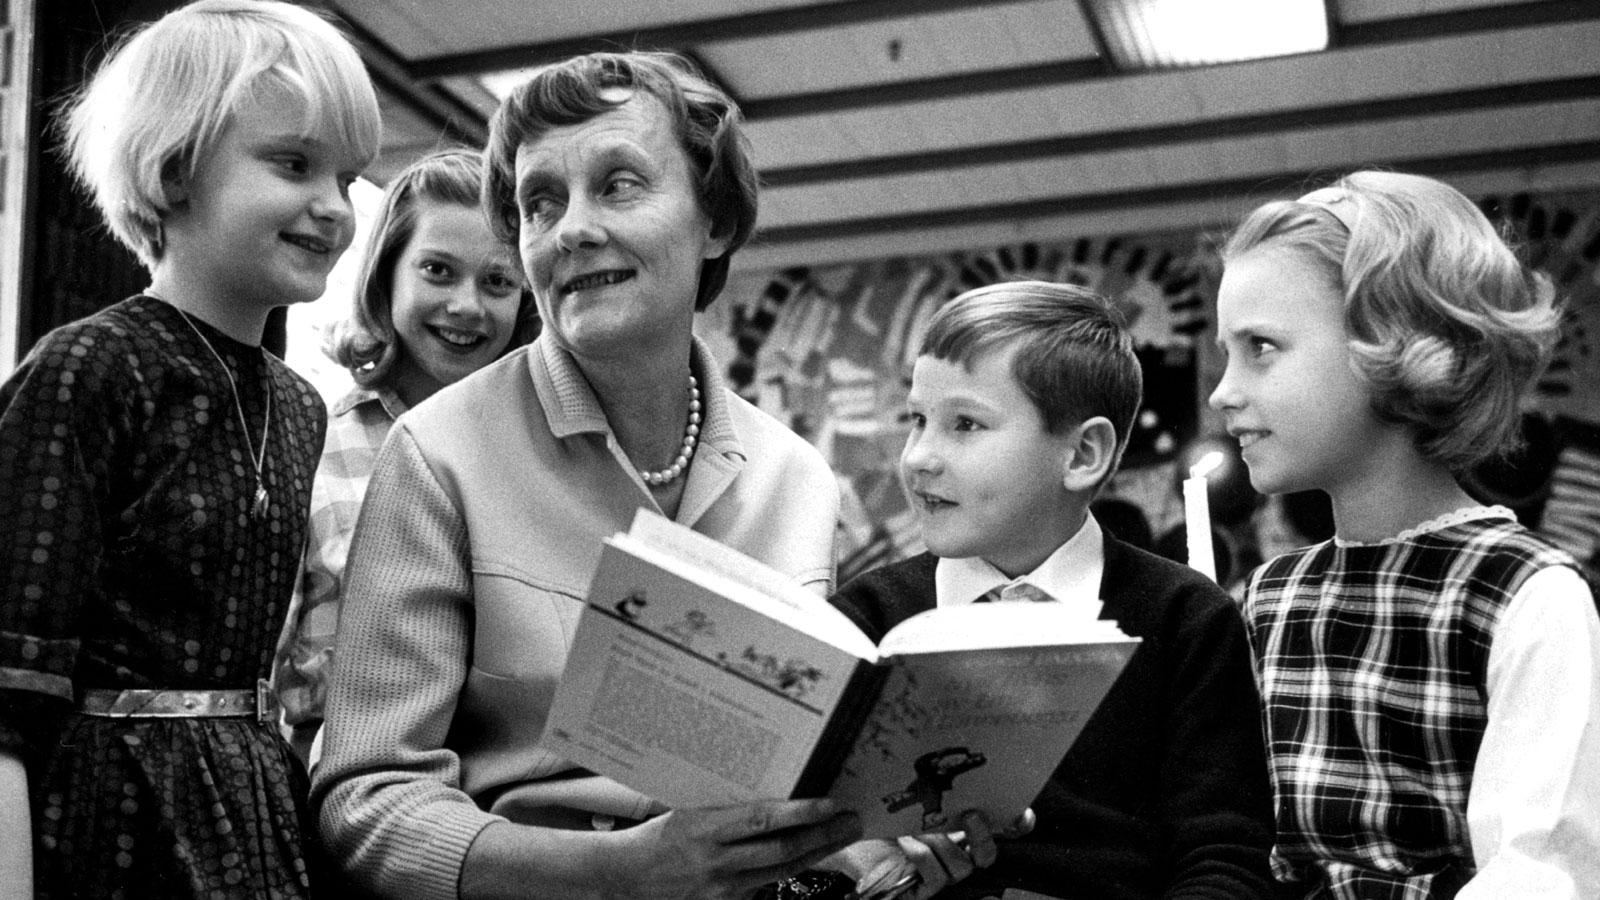 tacktal 50 år Stadsbiblioteket firar 50 år | ETC Göteborg tacktal 50 år